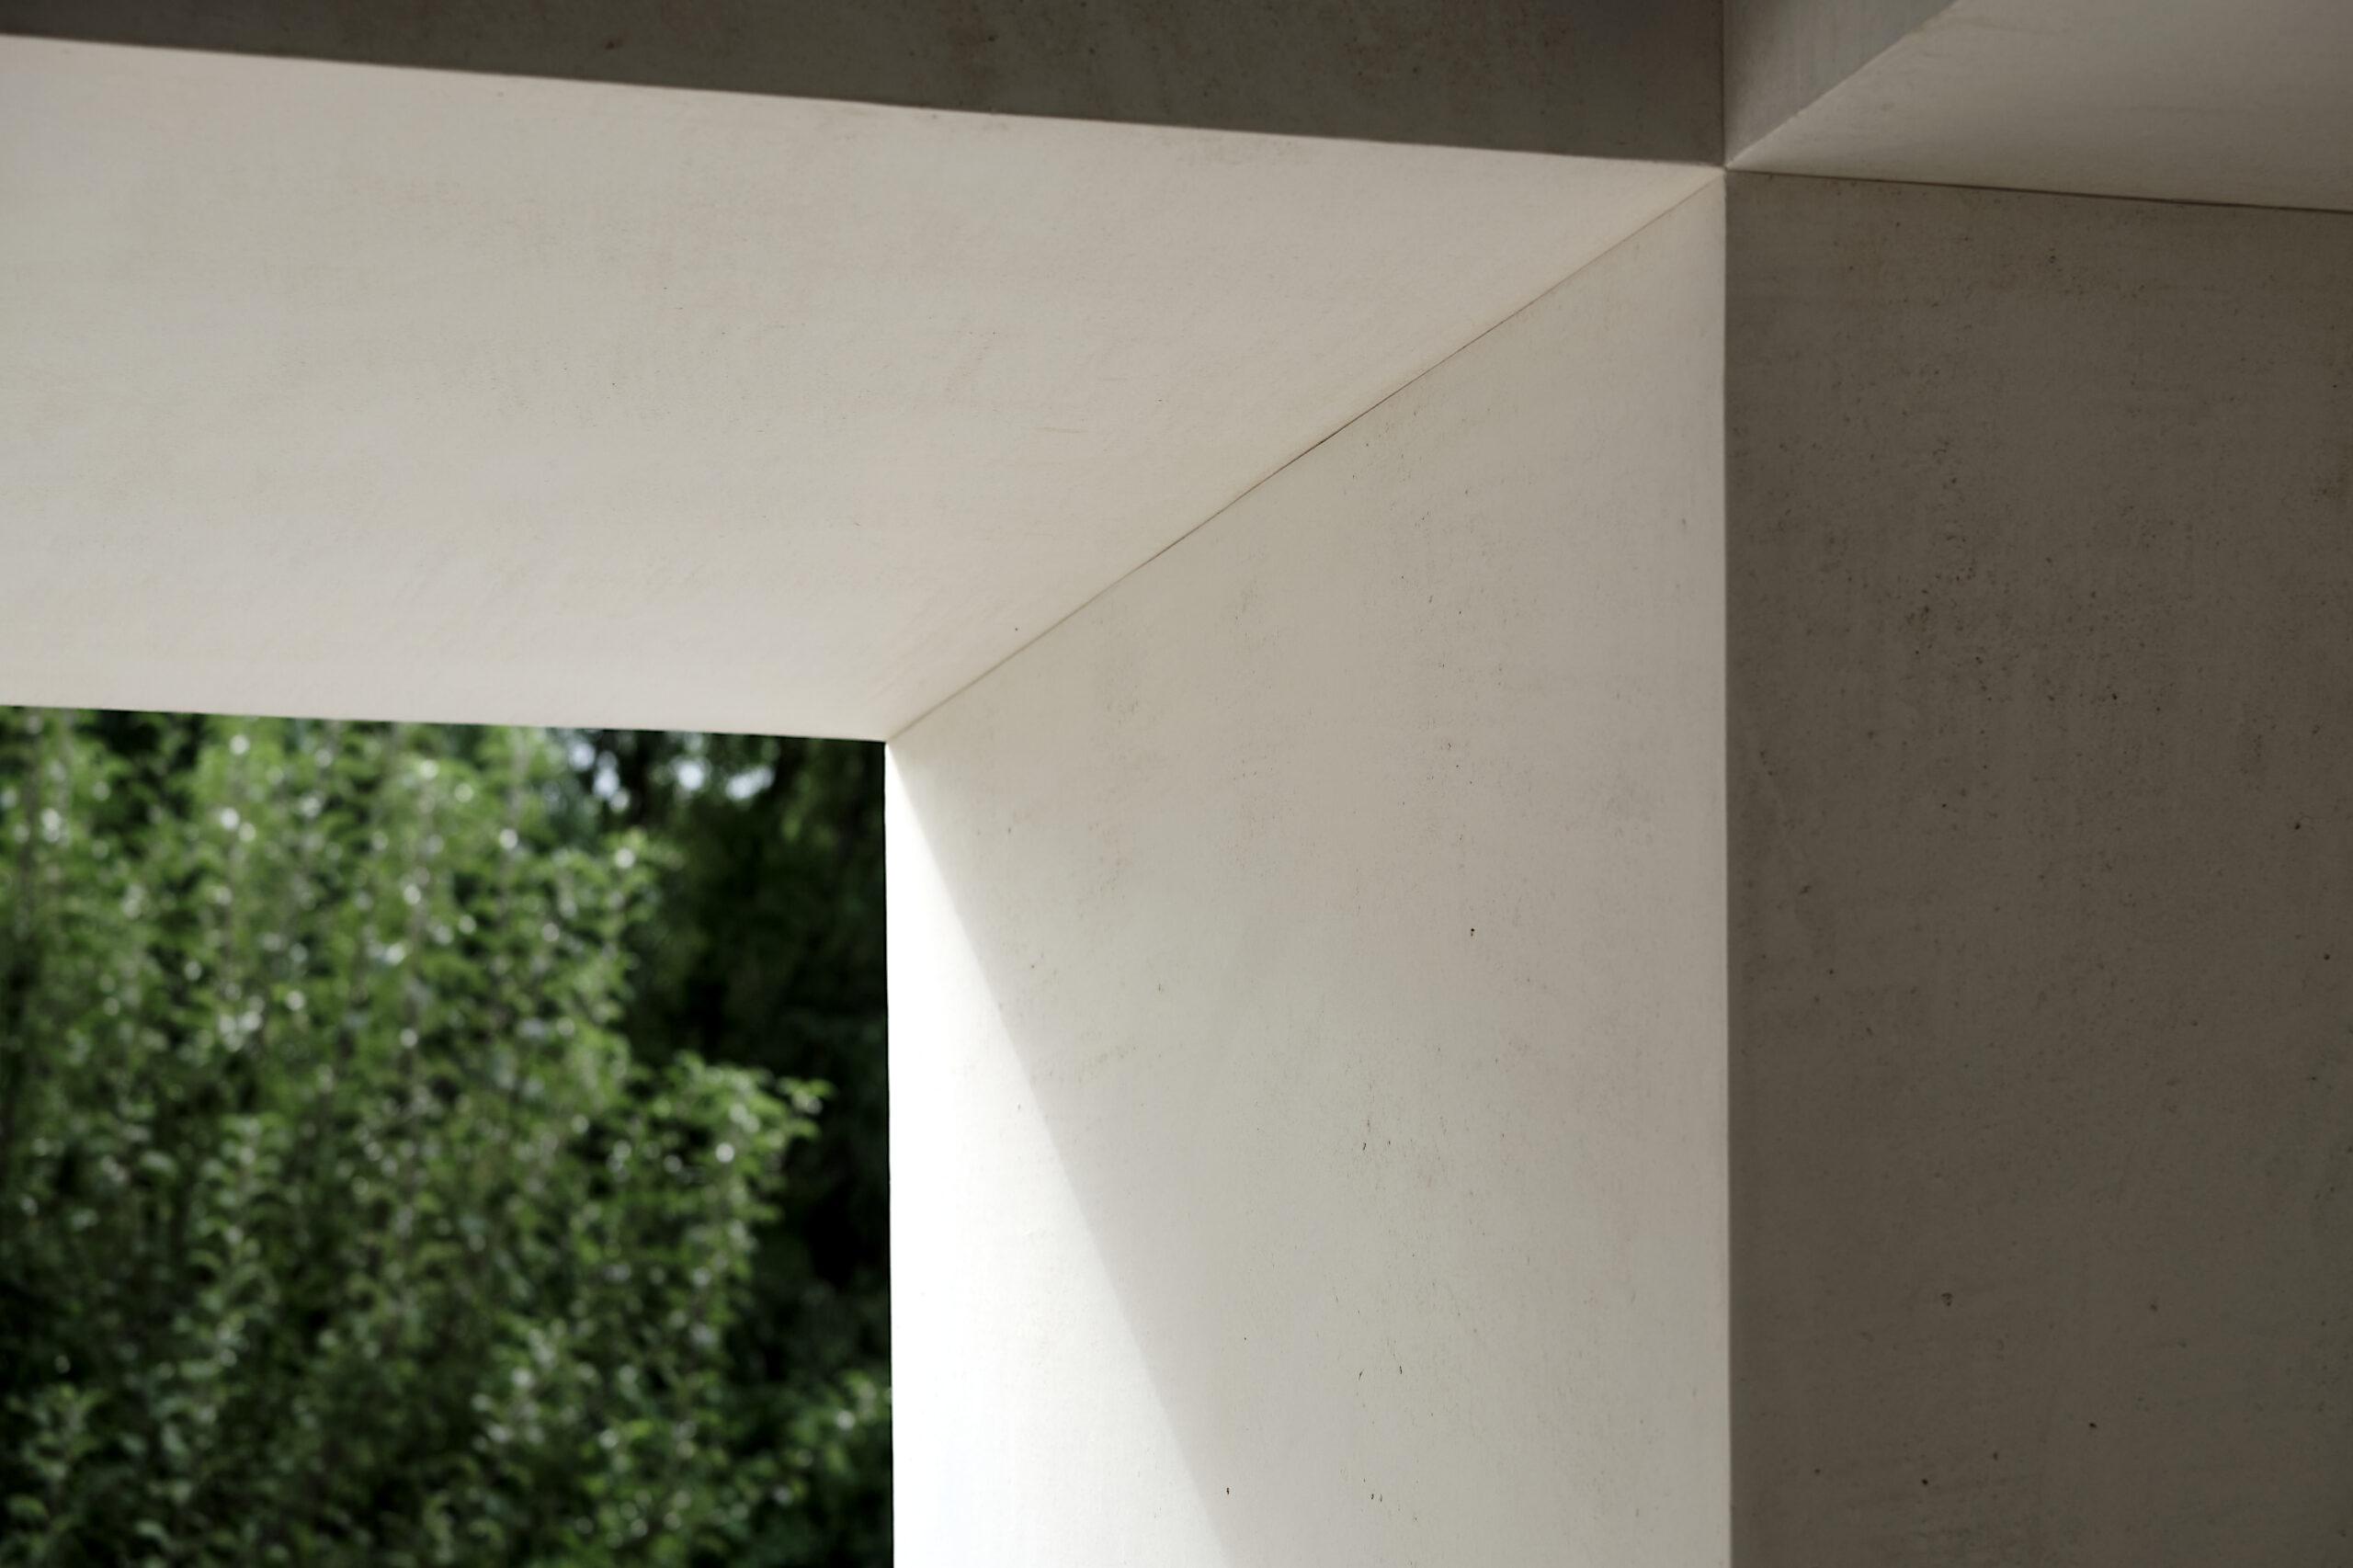 Haus Holdergasse, Verputz, Auszeichnungen, BE Architekten, Olex, Oliver Lins